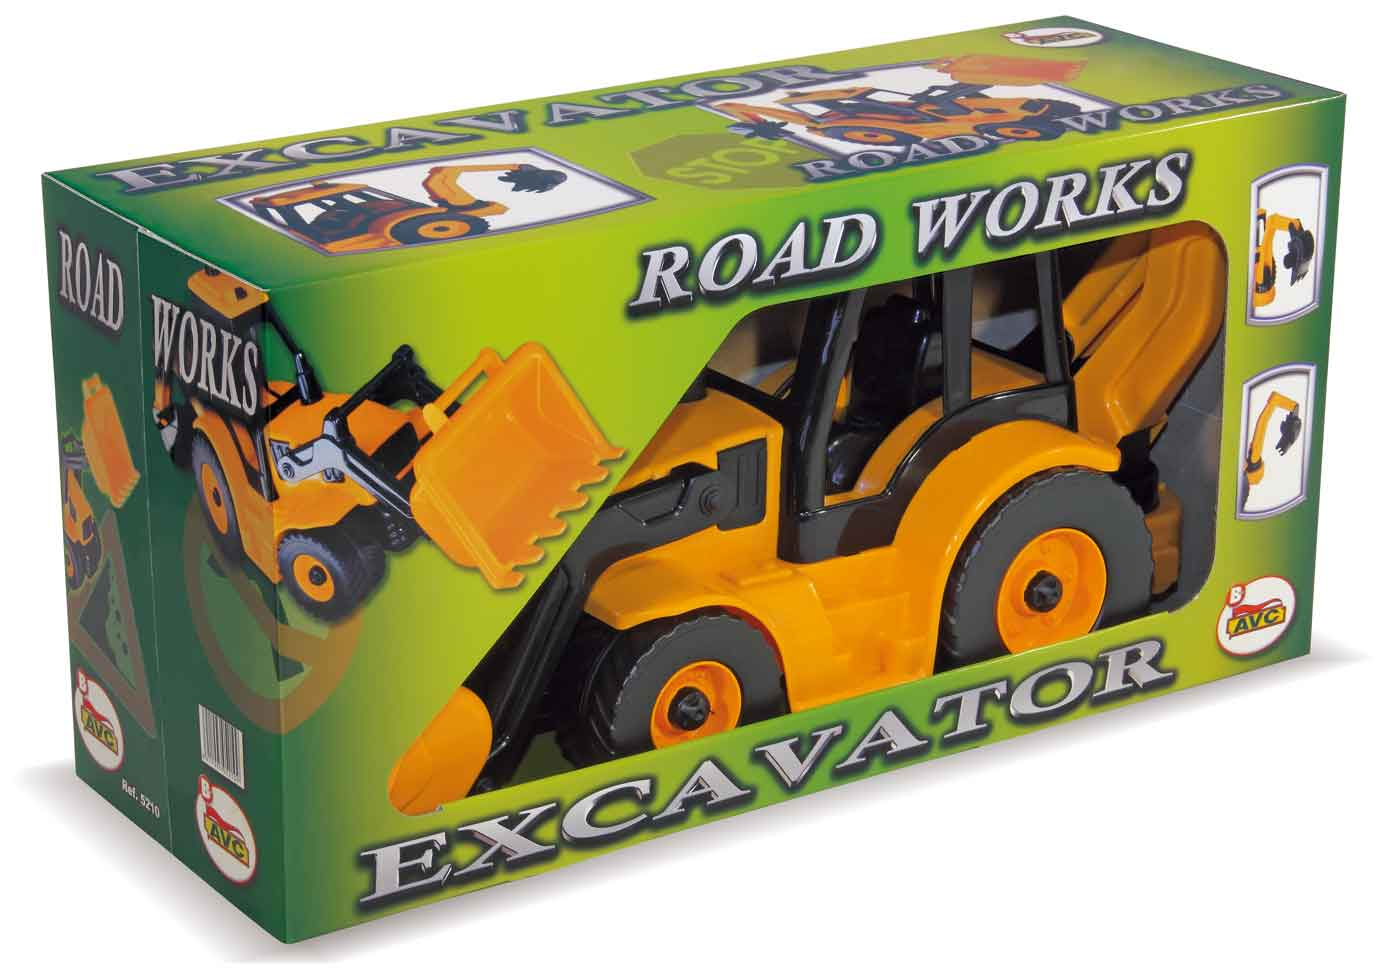 EXCAVADORA RETRO ROAD WORK 5210 - N13620